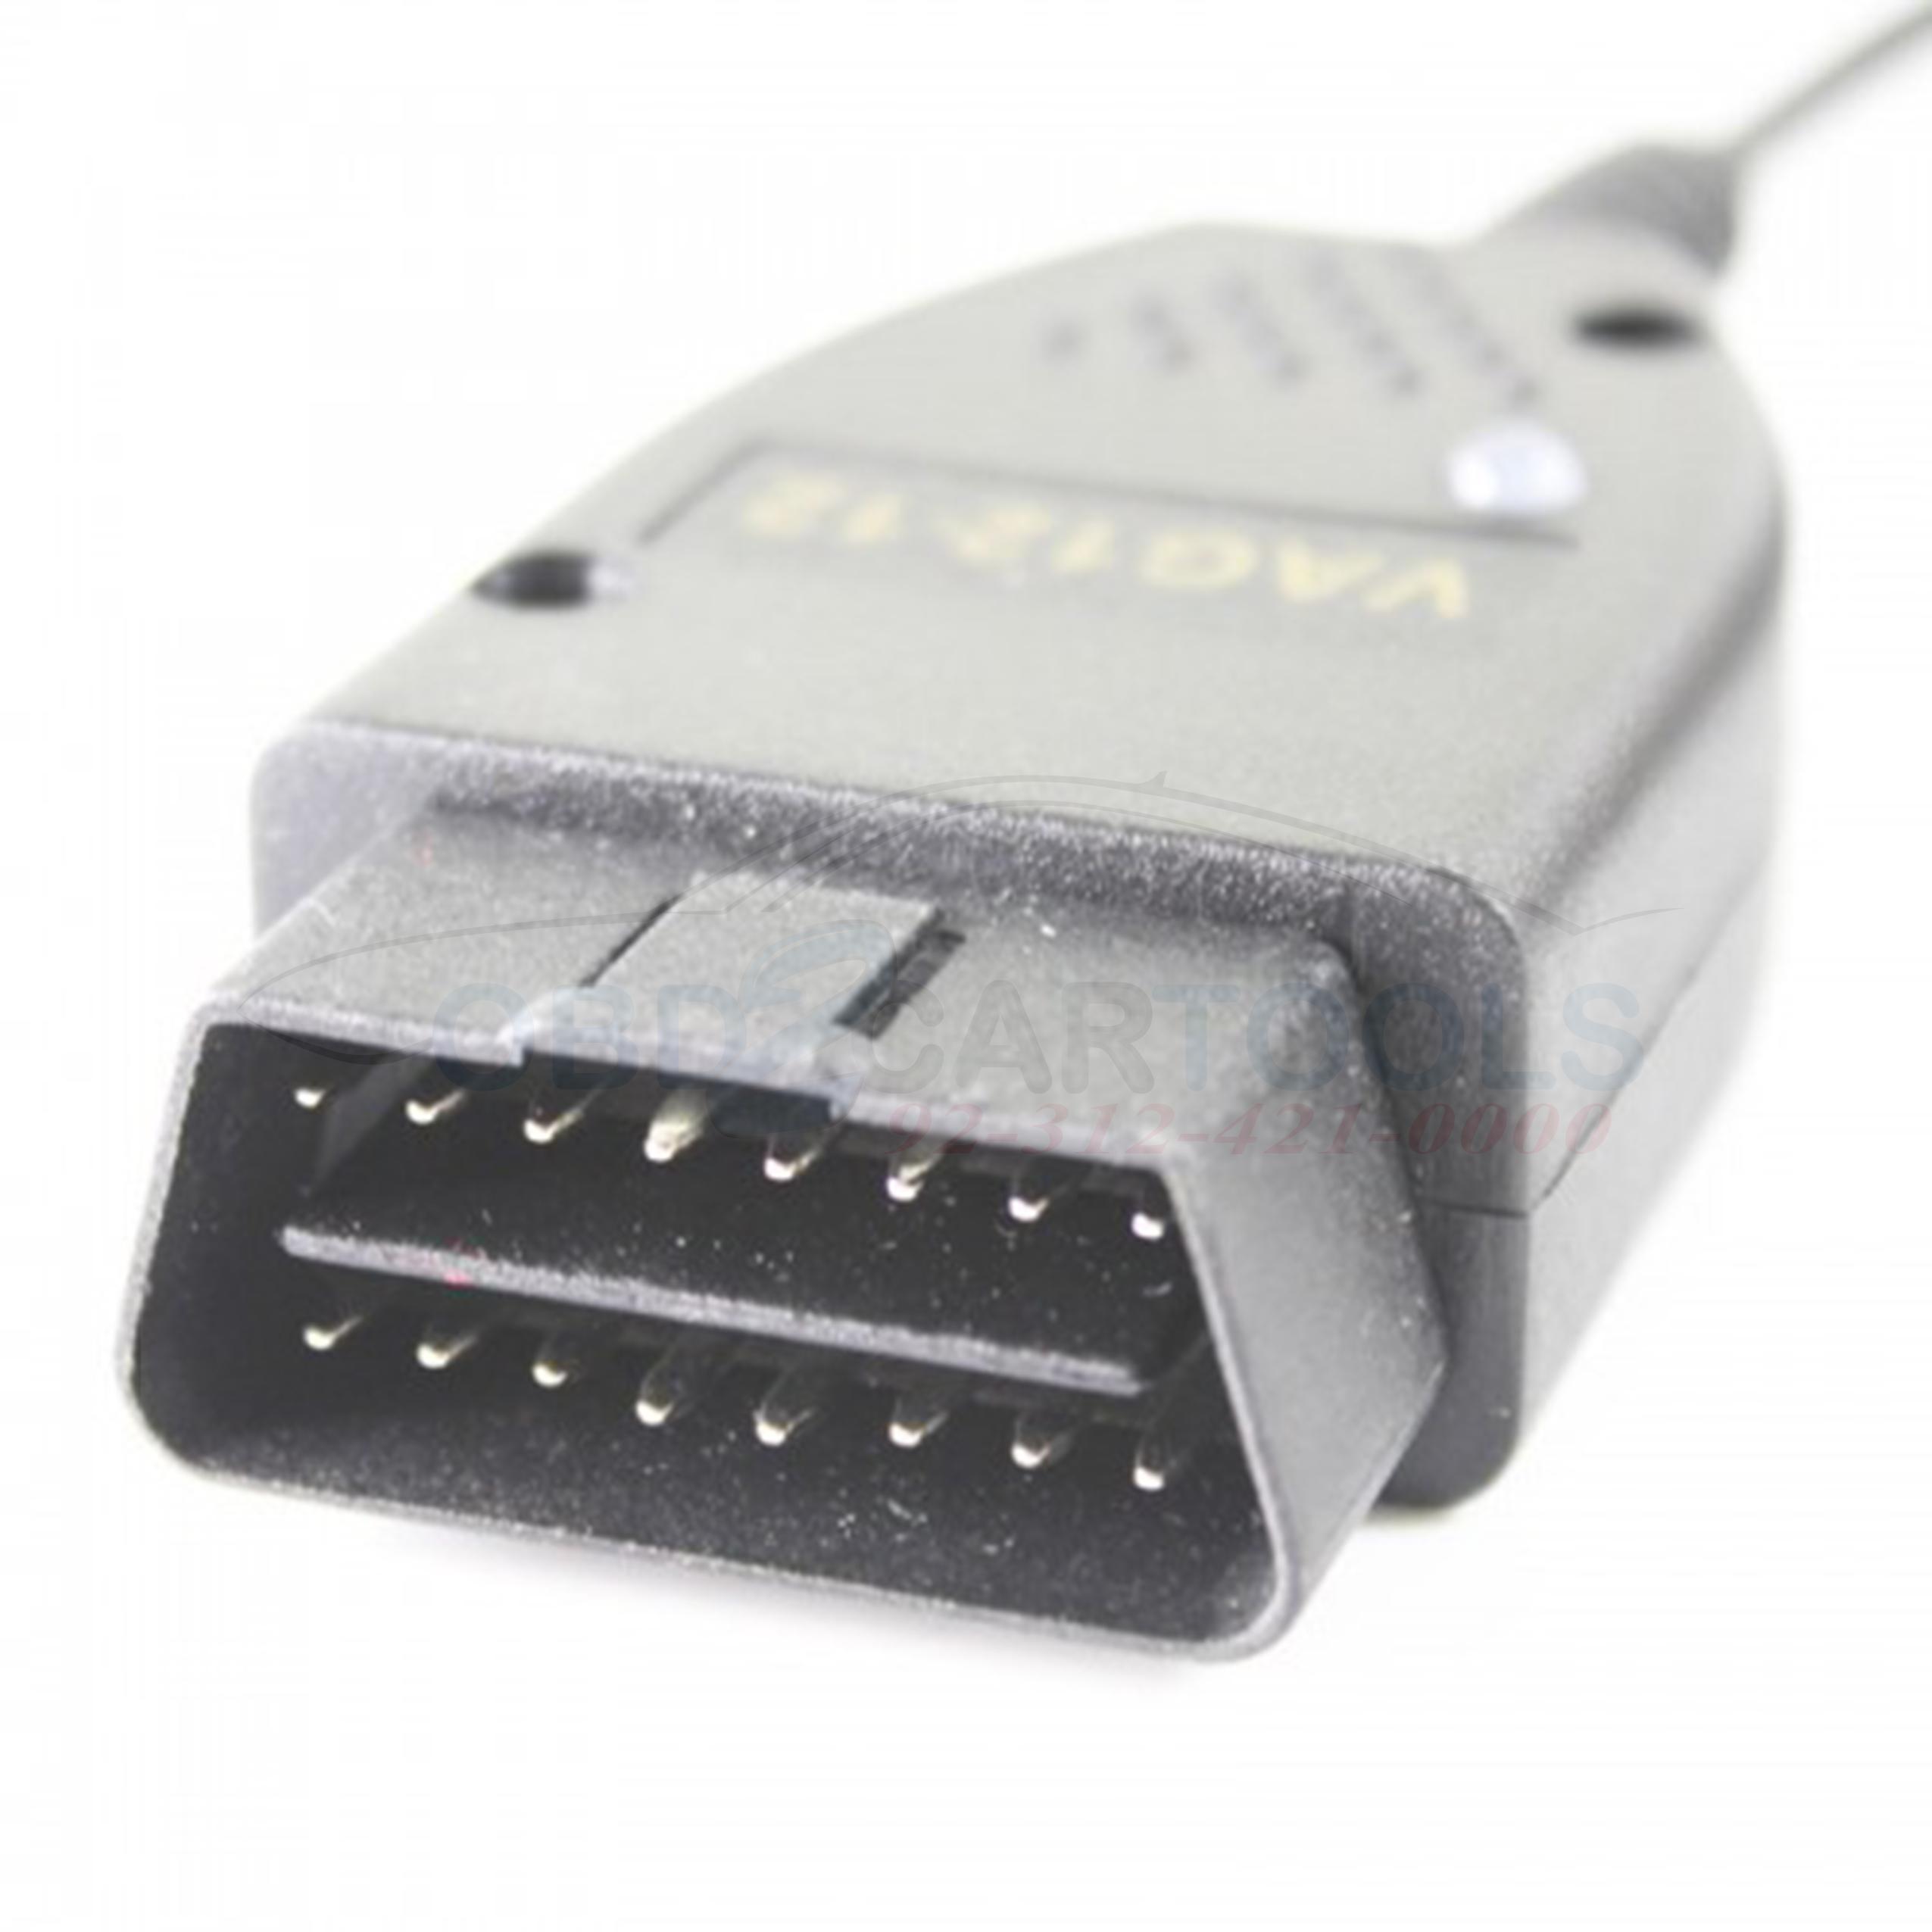 OBD2CarTools Pakistan | LATEST VAG COM VCDS 18 9 HEX CAN USB